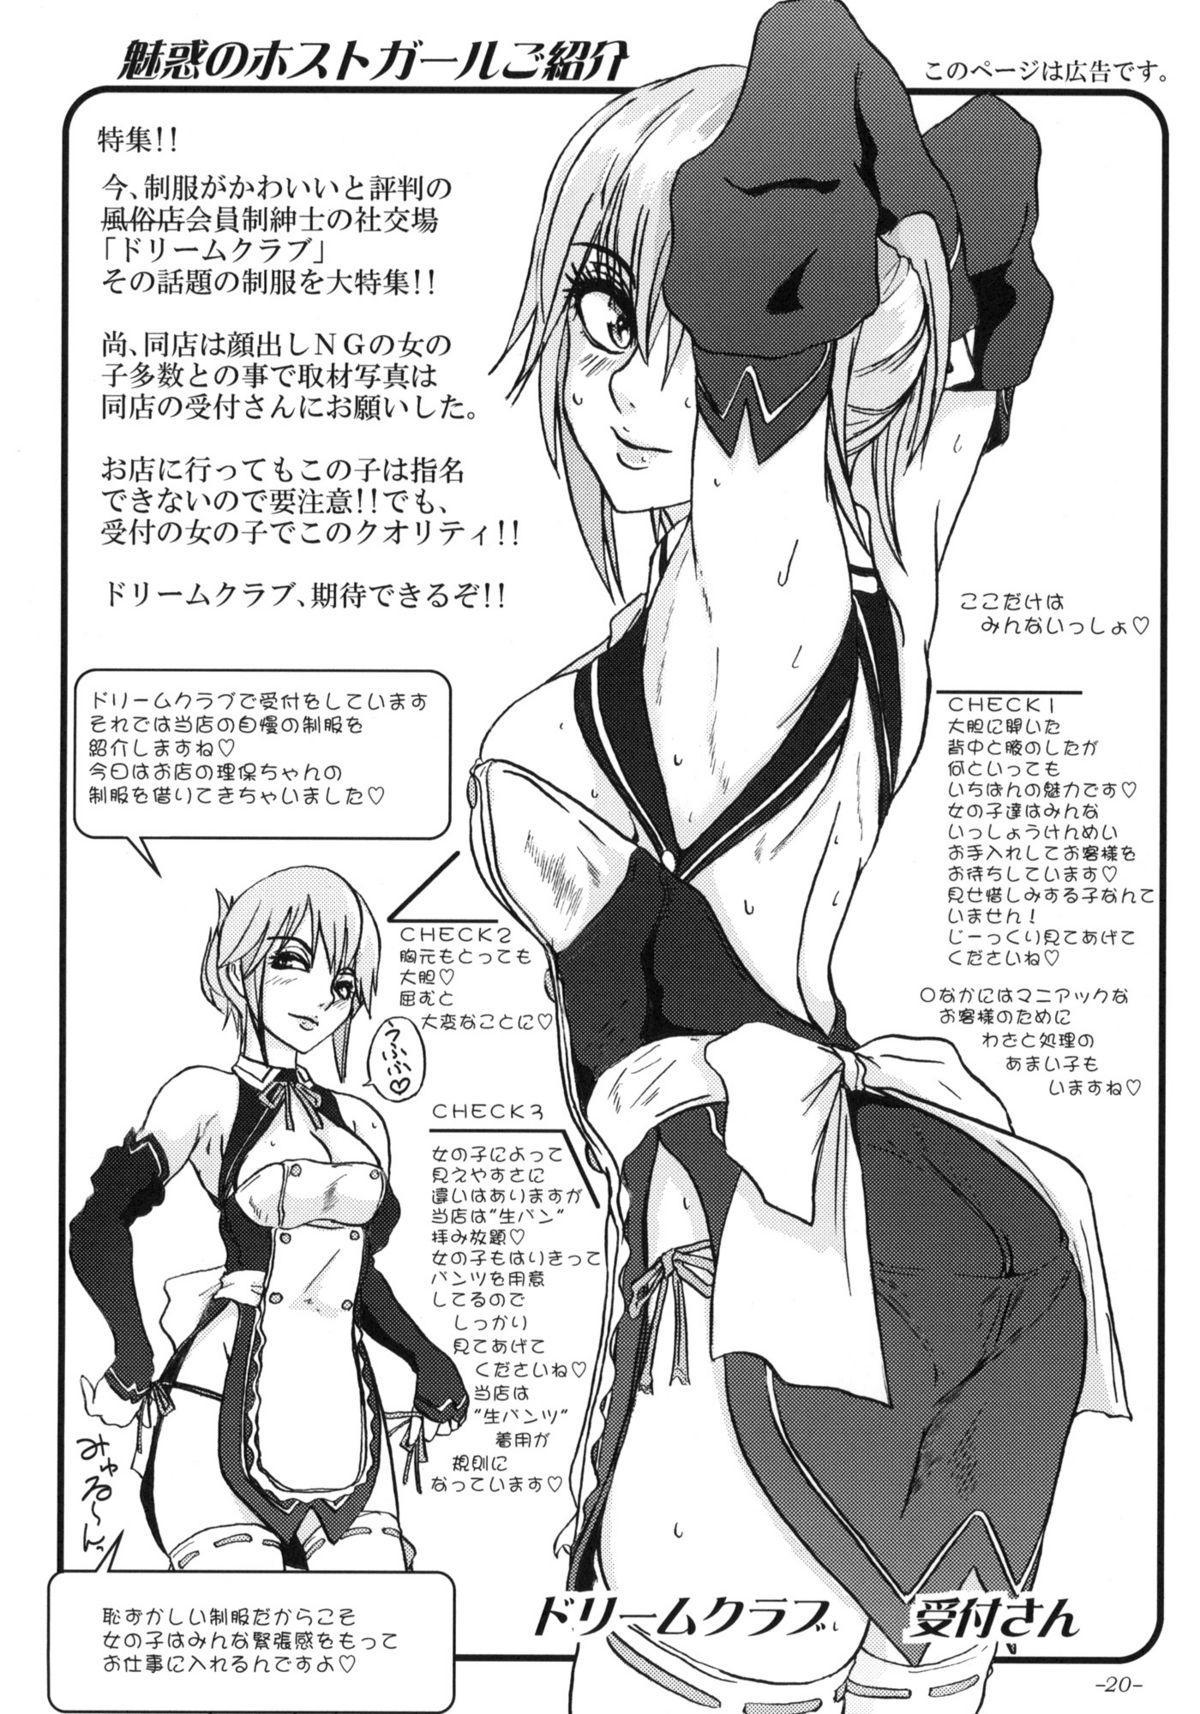 Mono ni Naru Mesu Buta no Kara da. 20